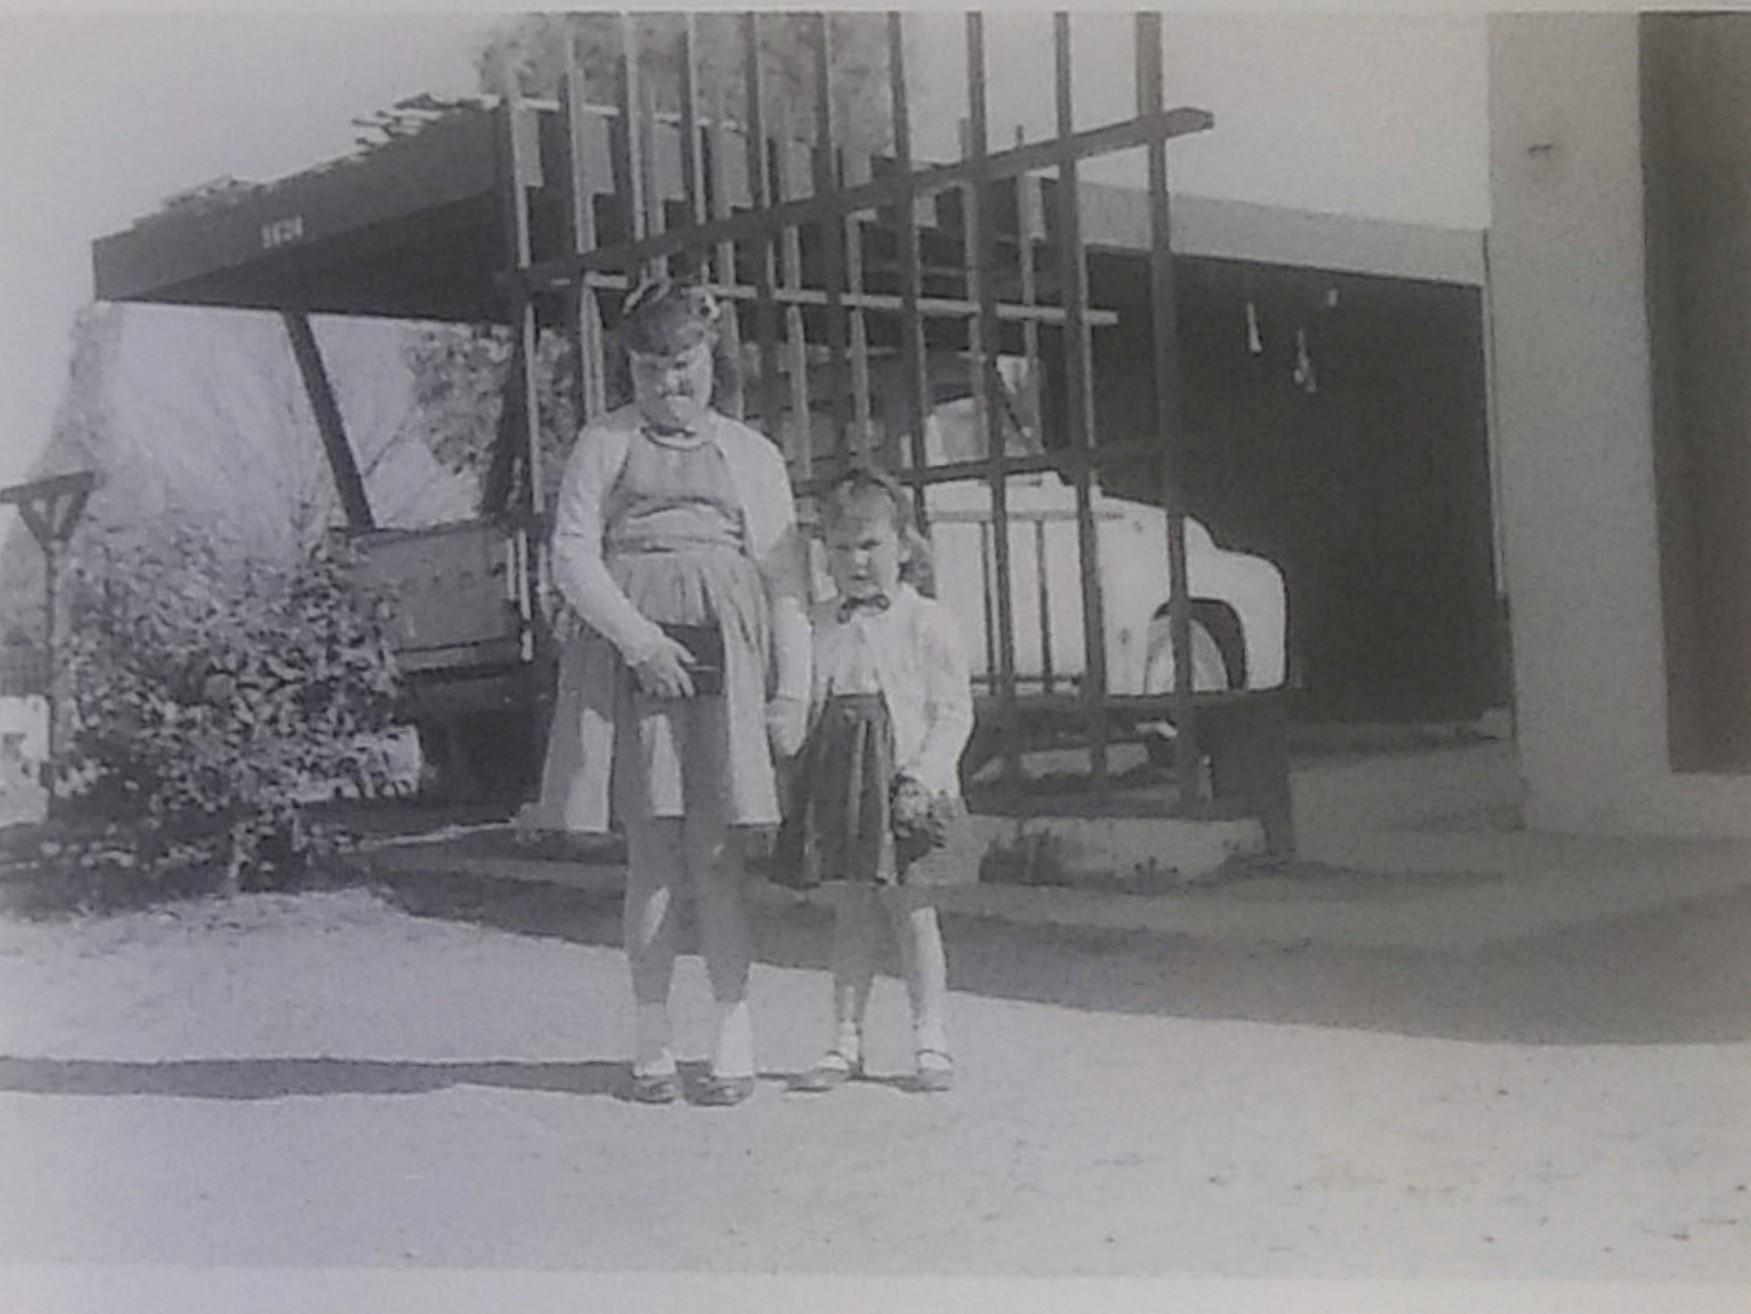 me & le aged 4&8 2